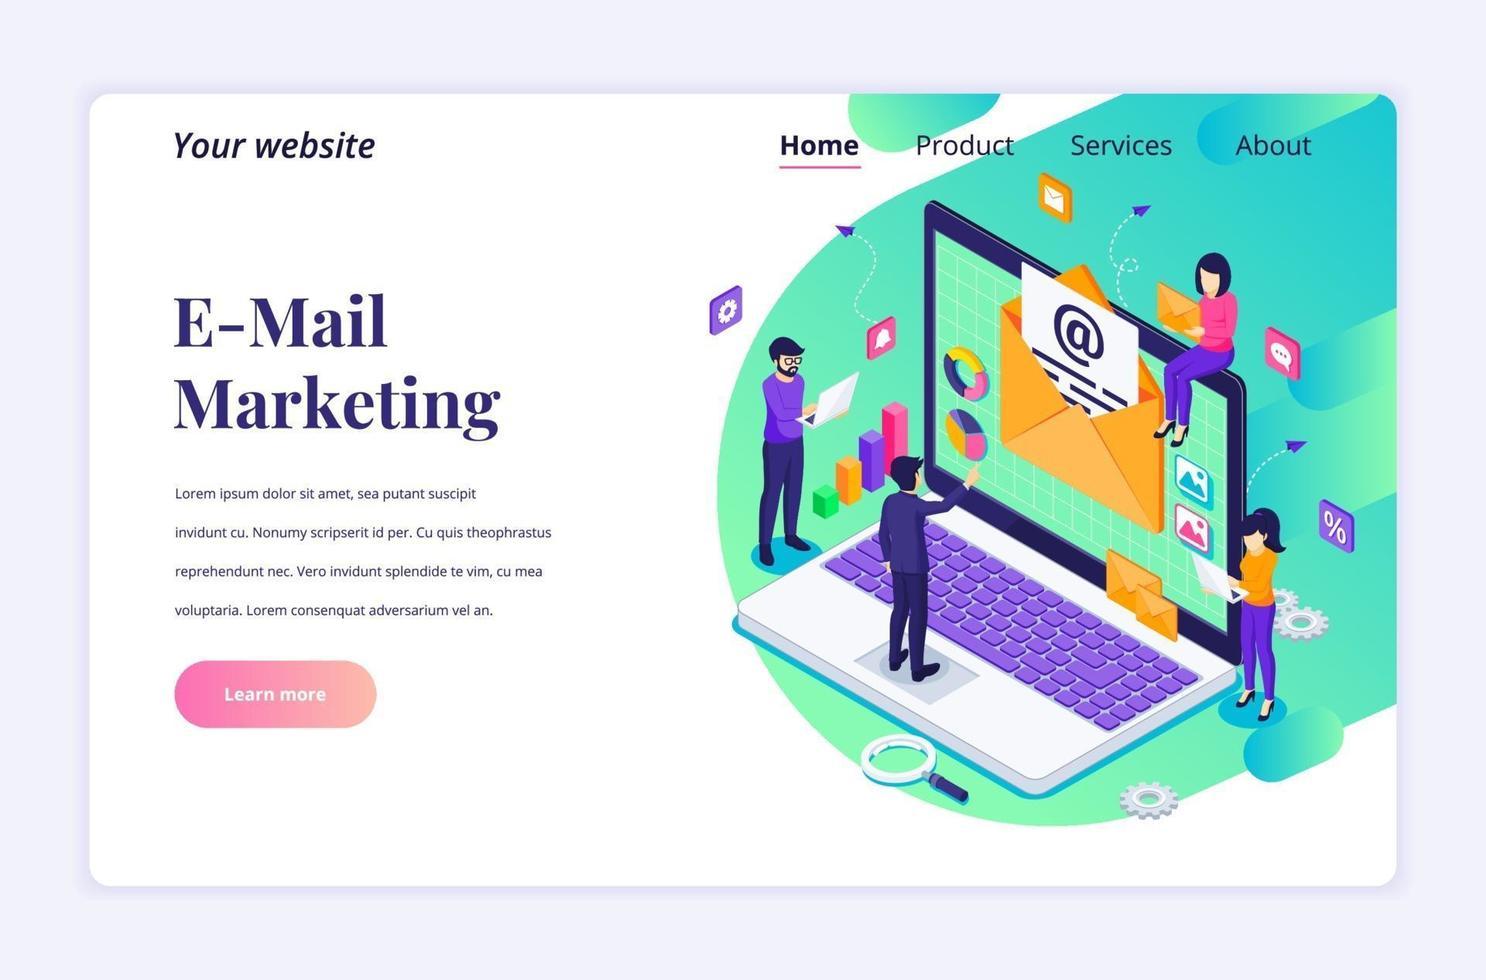 isometrisk målsidades designkoncept för e-postmarknadsföring, posttjänster med människor arbetar nära en jättebärbar dator. vektor illustration